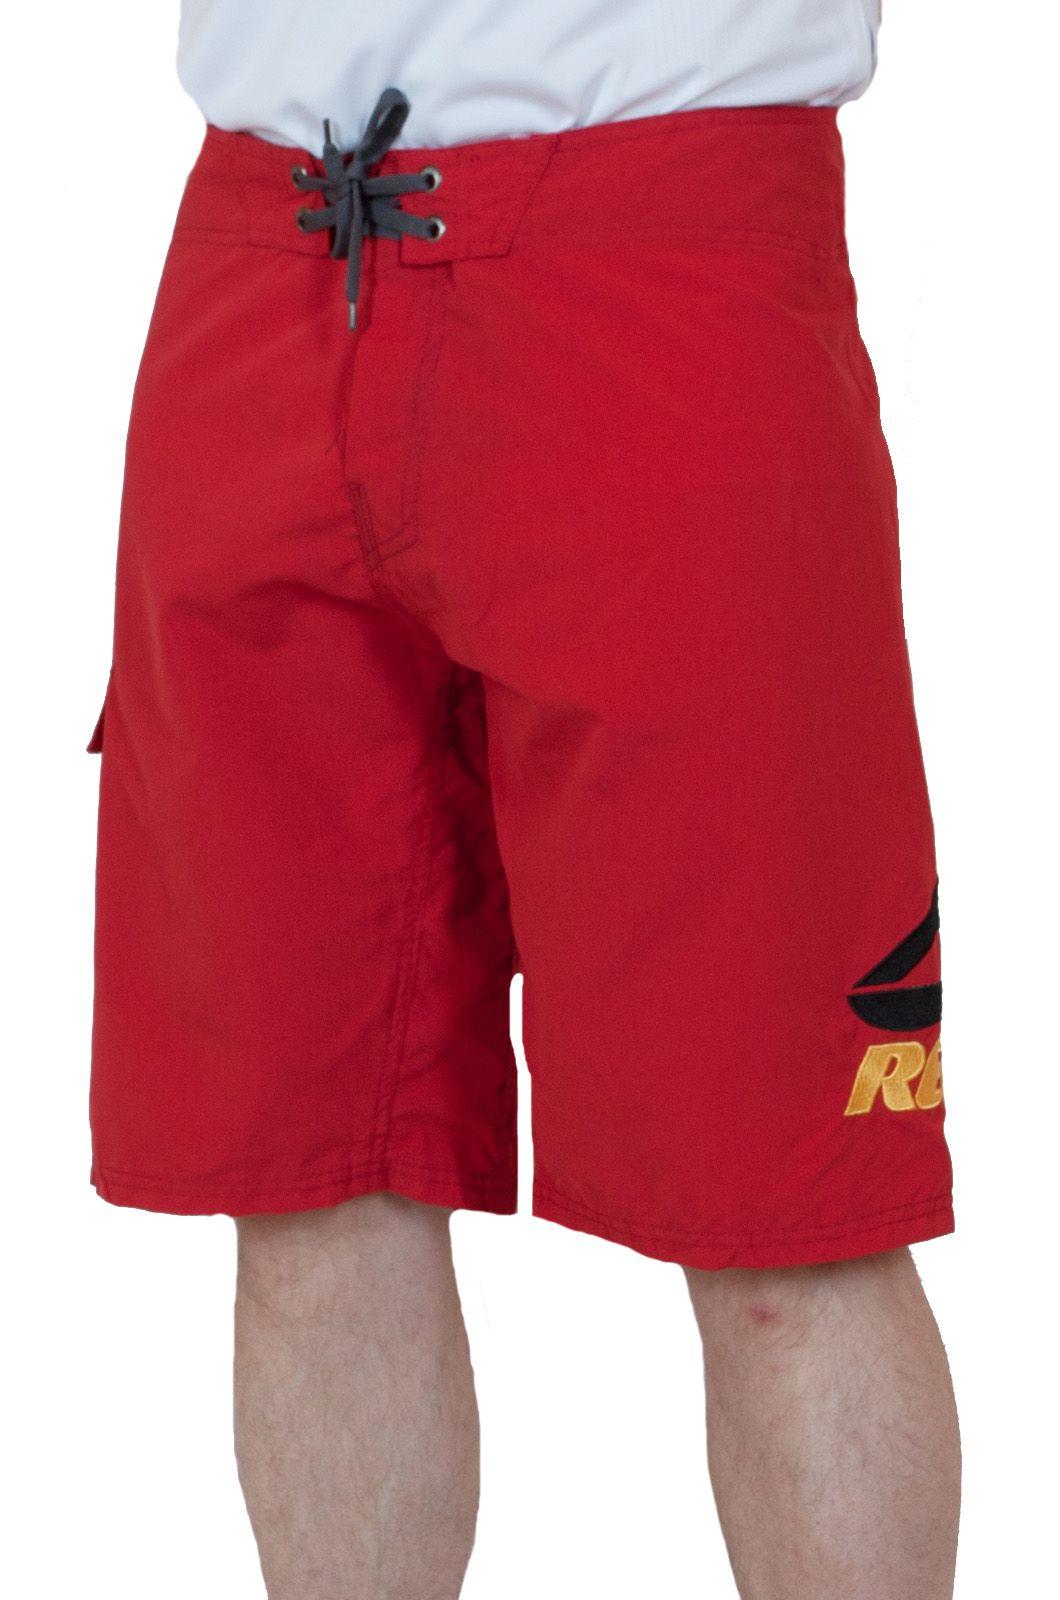 Стильные мужские шорты Reef - вид спереди